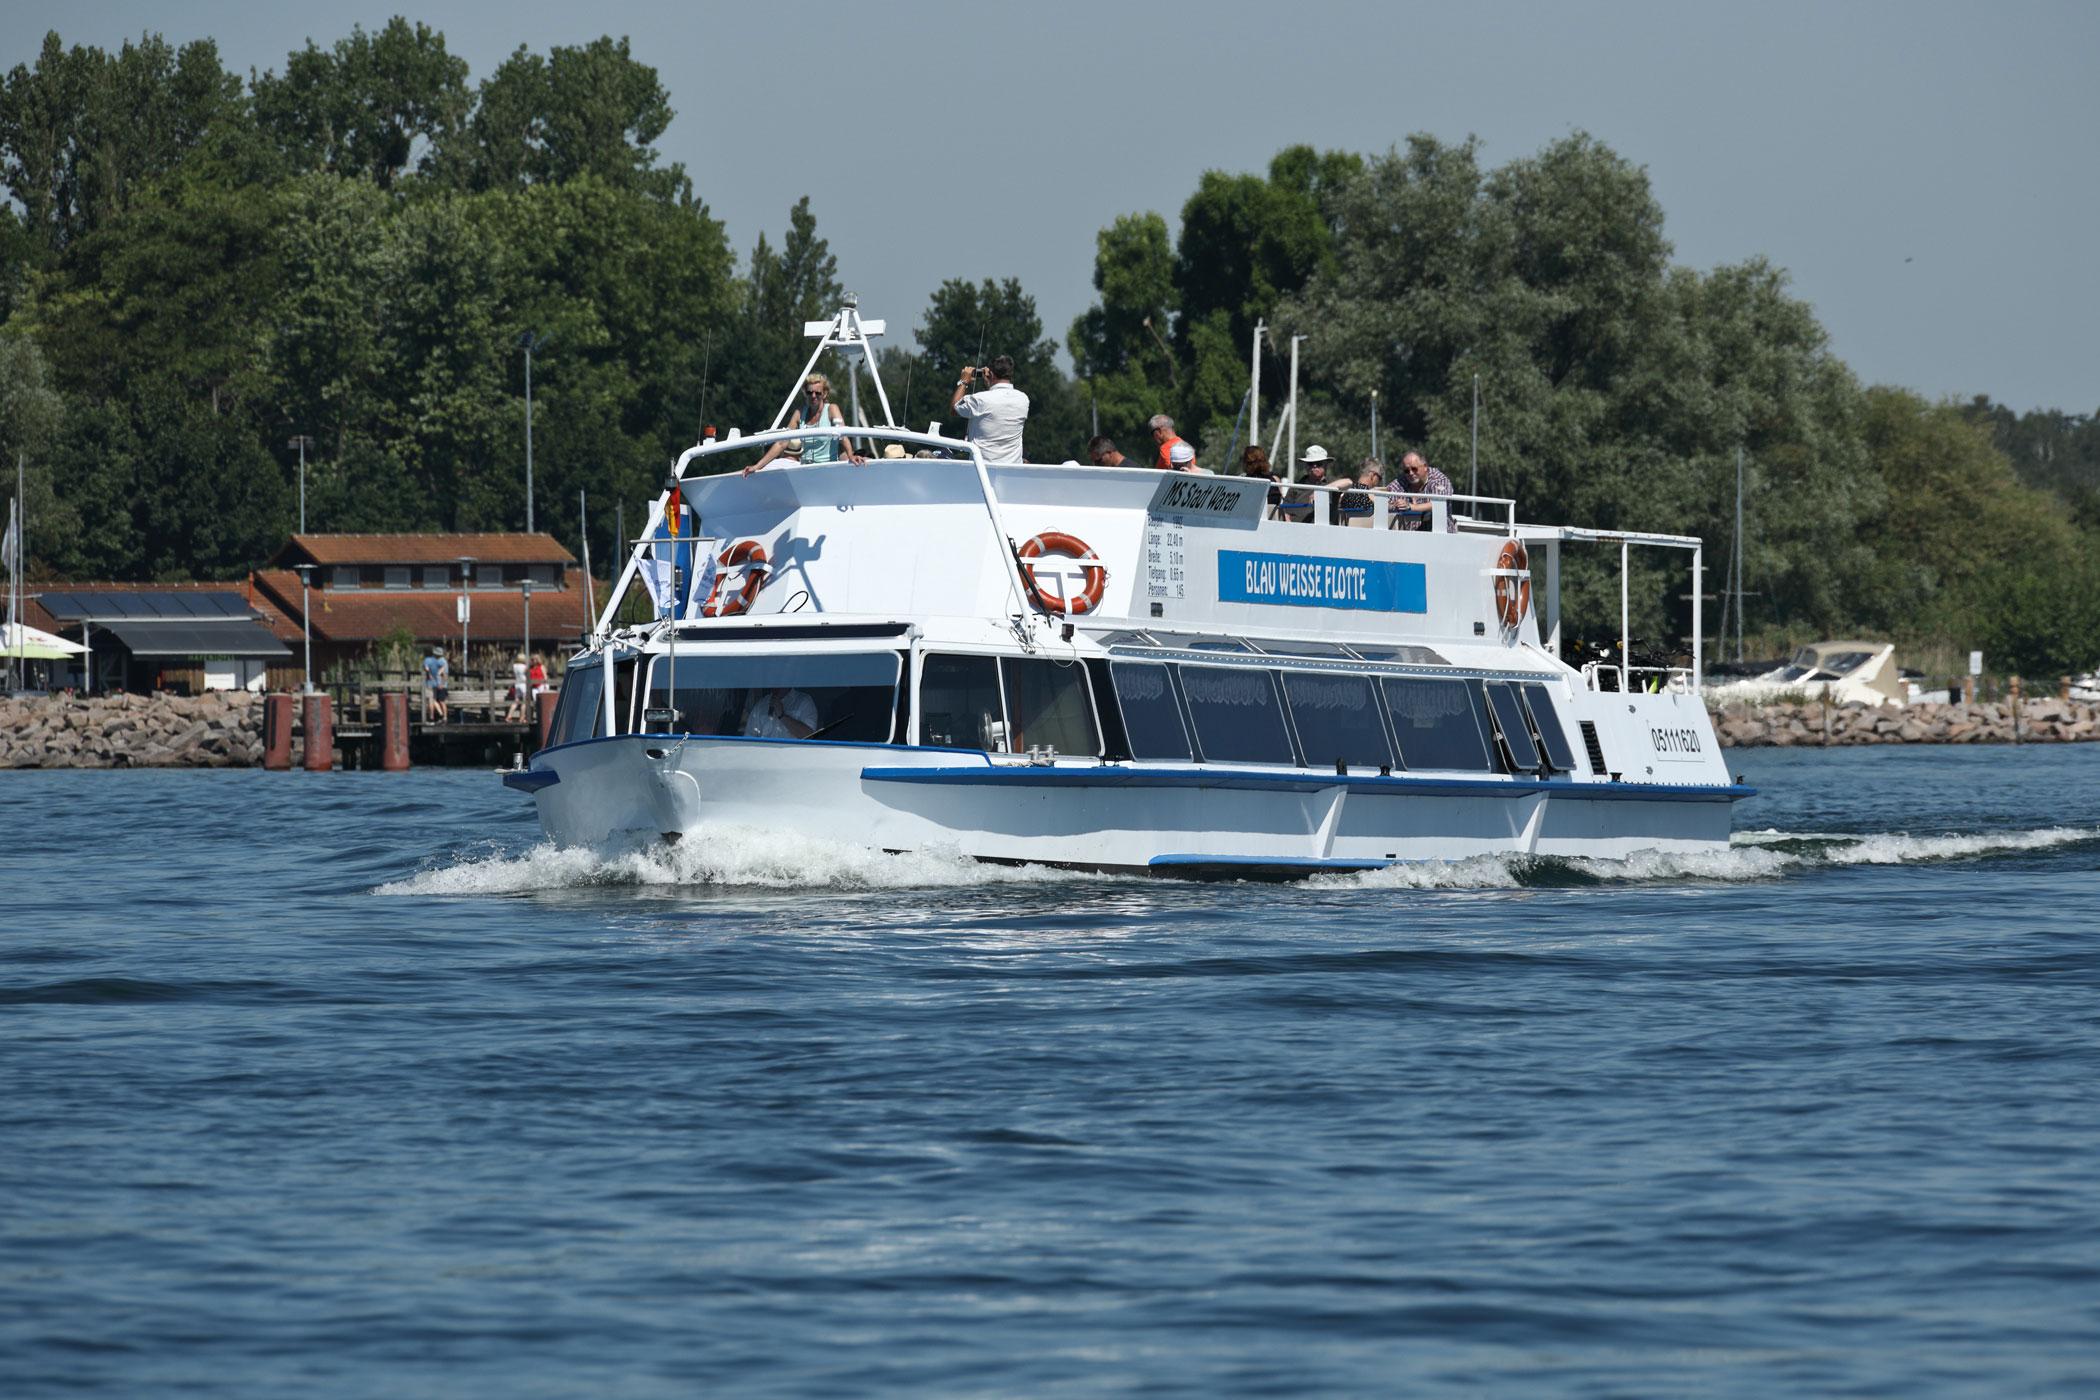 5-Seenfahrt bis zum Malchower See